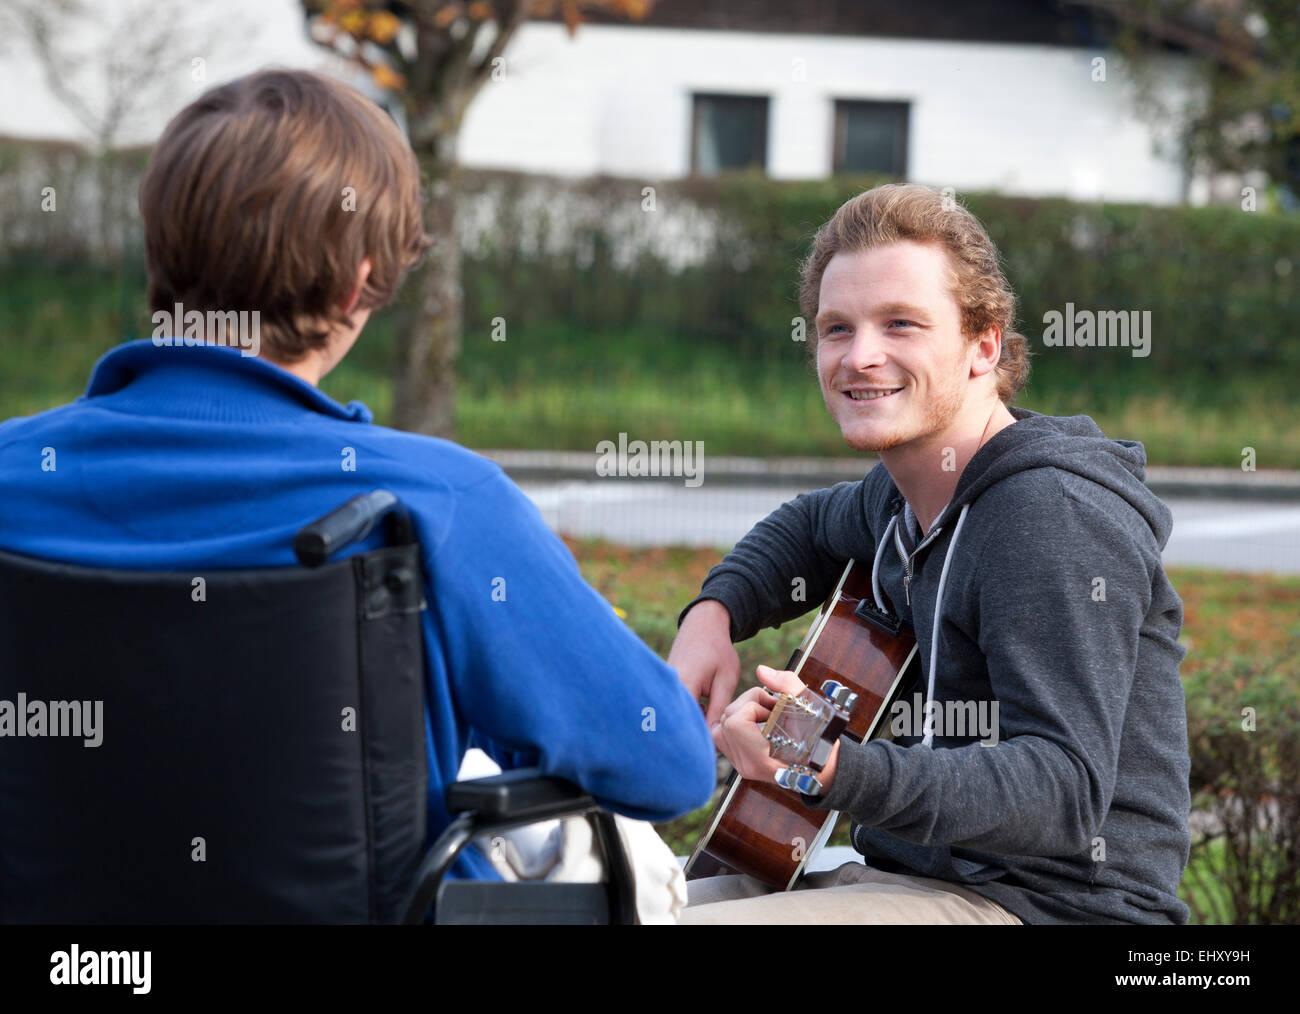 Un joven usuario de silla de ruedas escuchando guitarrista Foto de stock